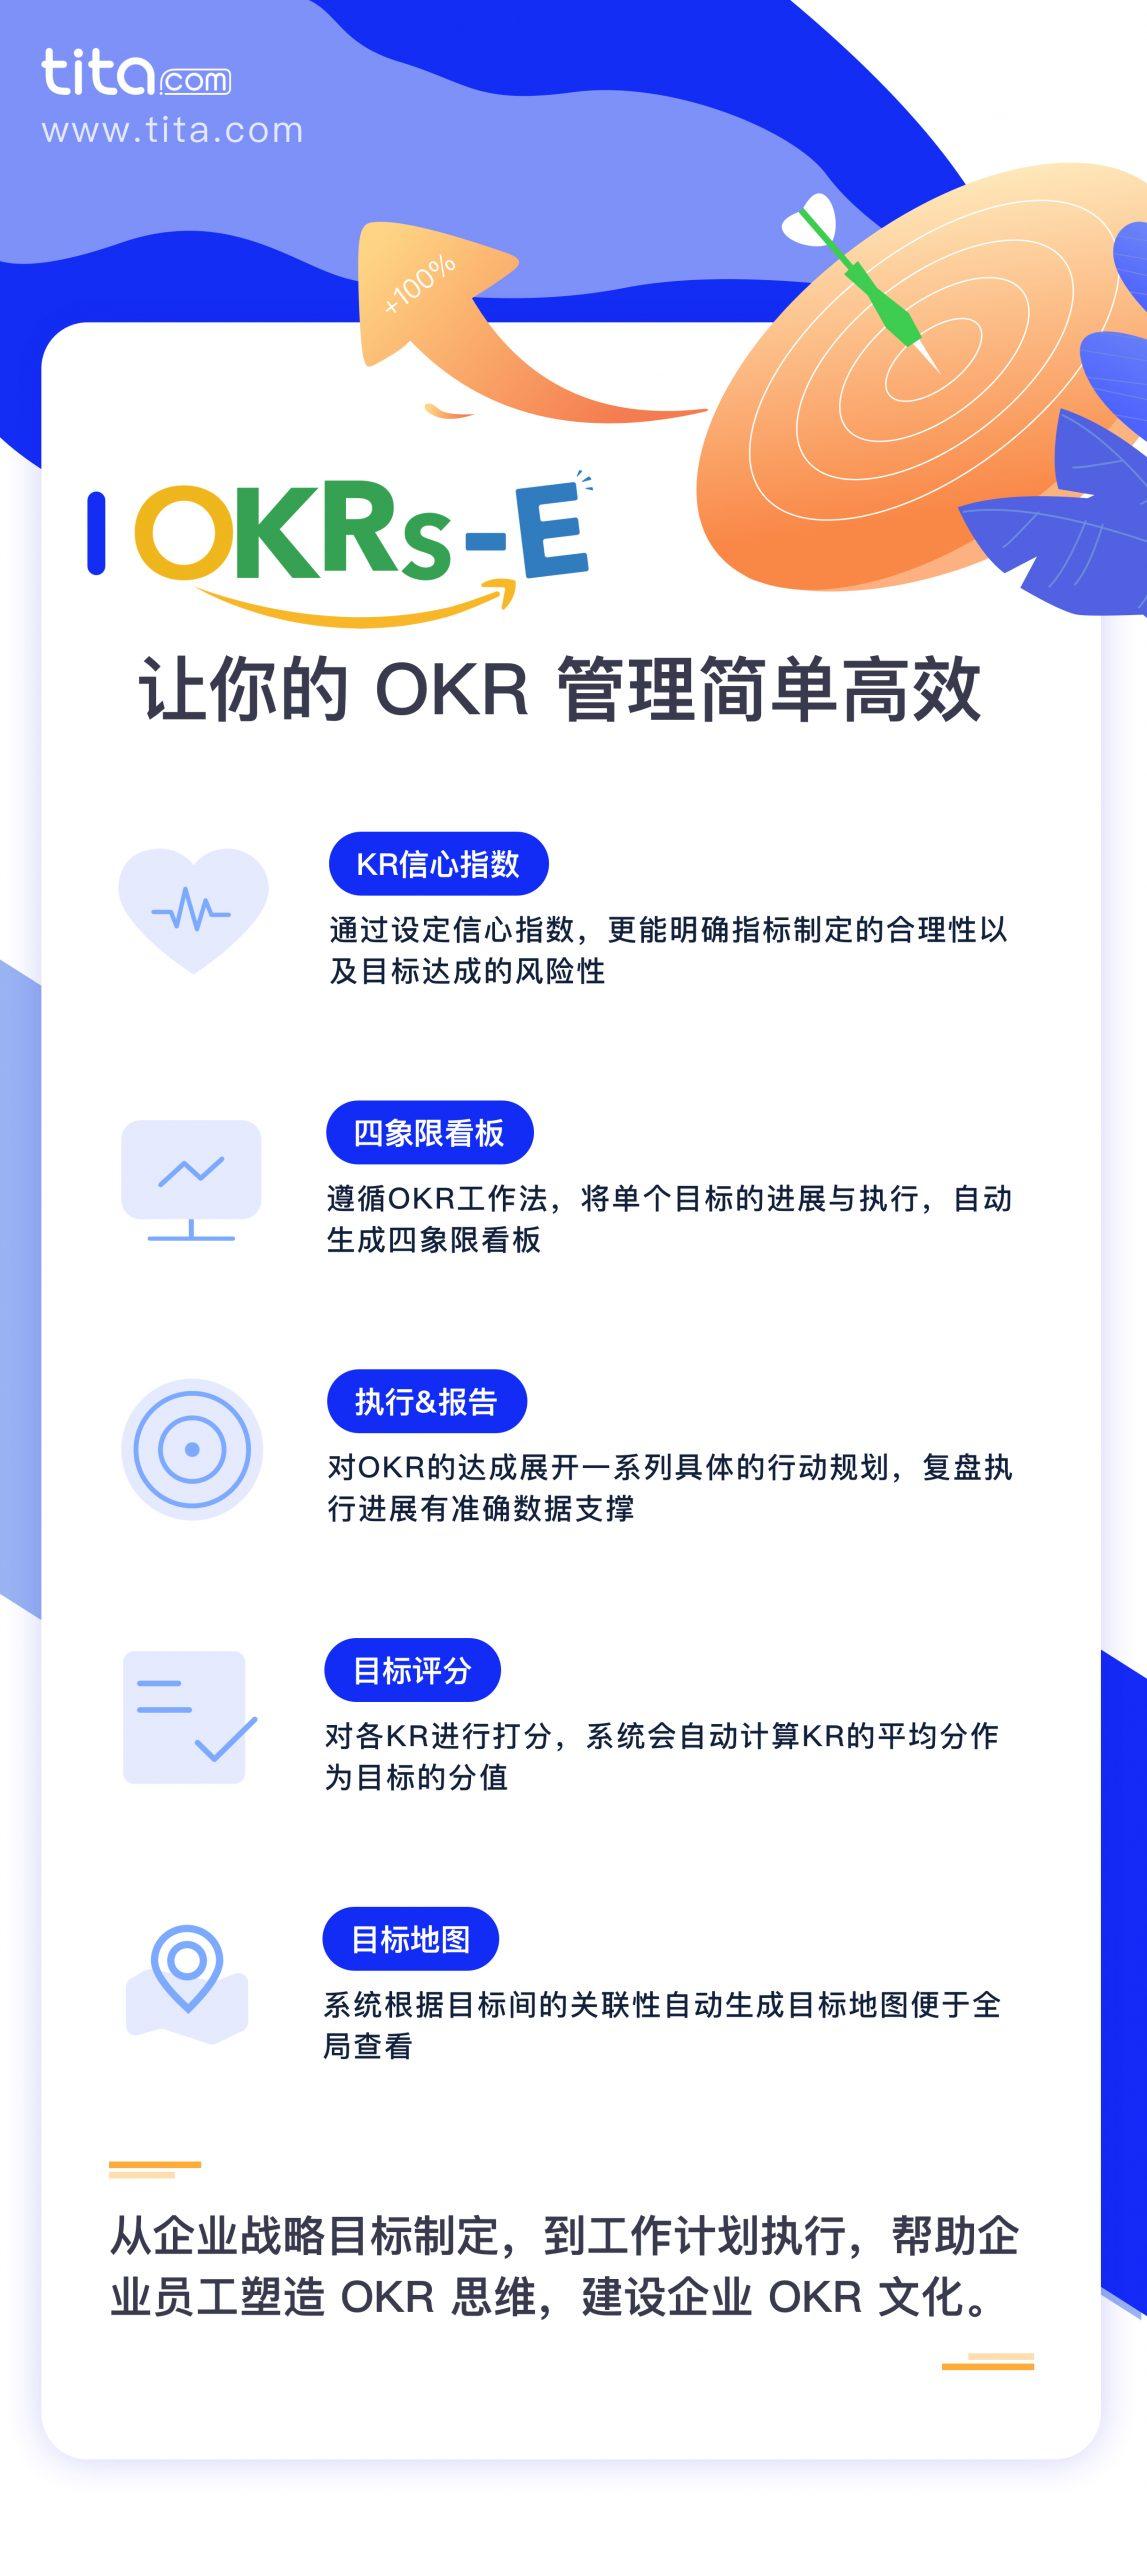 企业微信 钉钉 飞书 应用商店如何安装 Tita